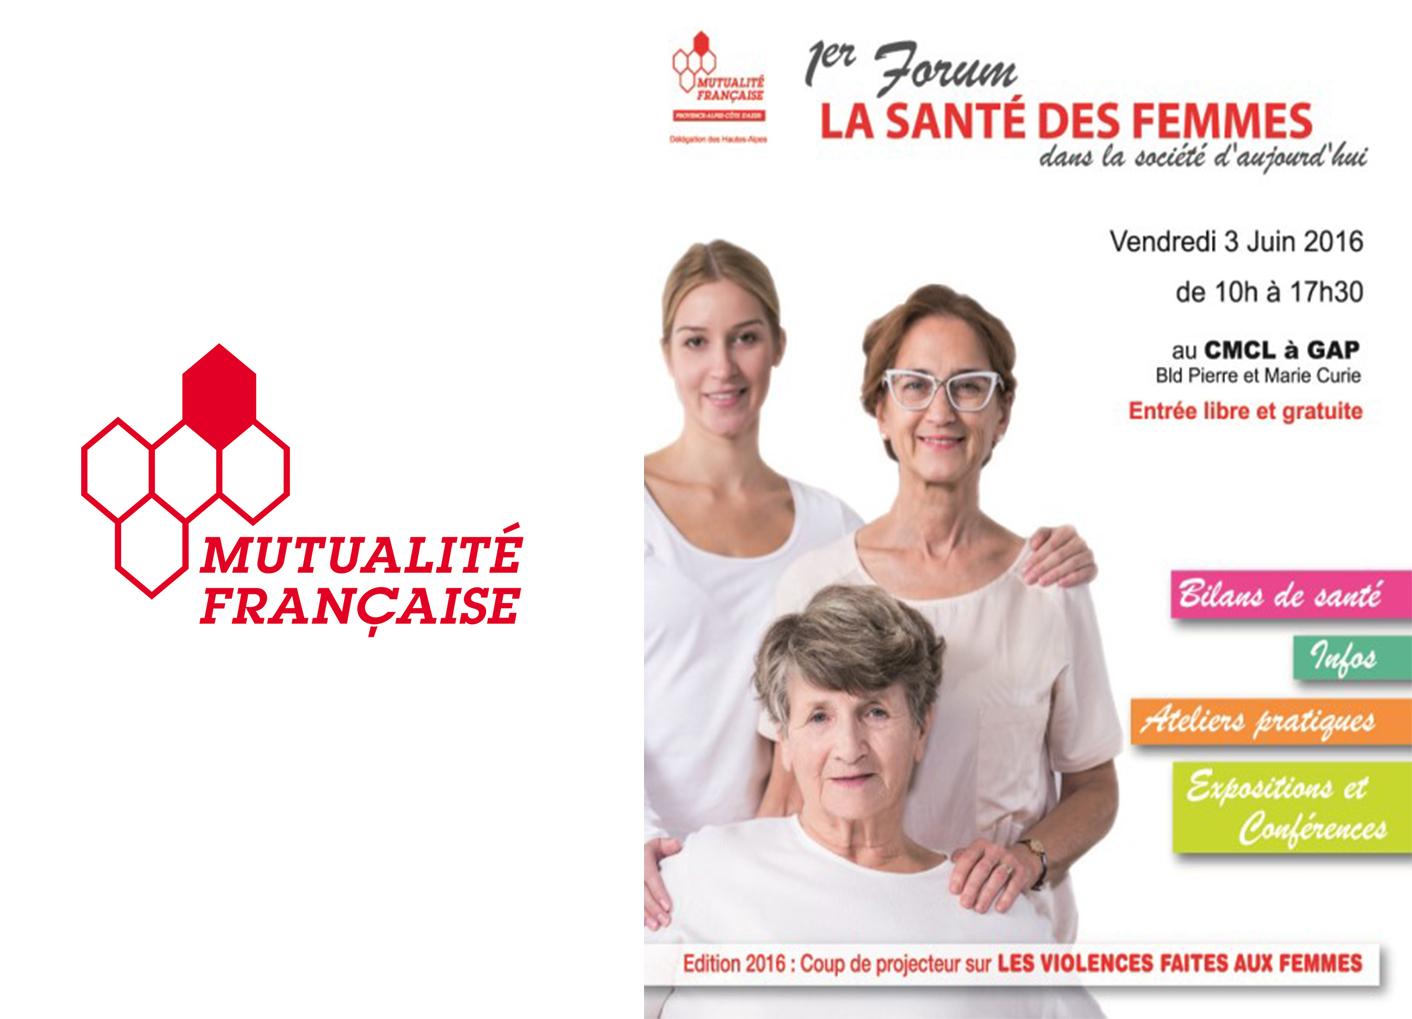 Une journée pour la santé des femmes à Gap